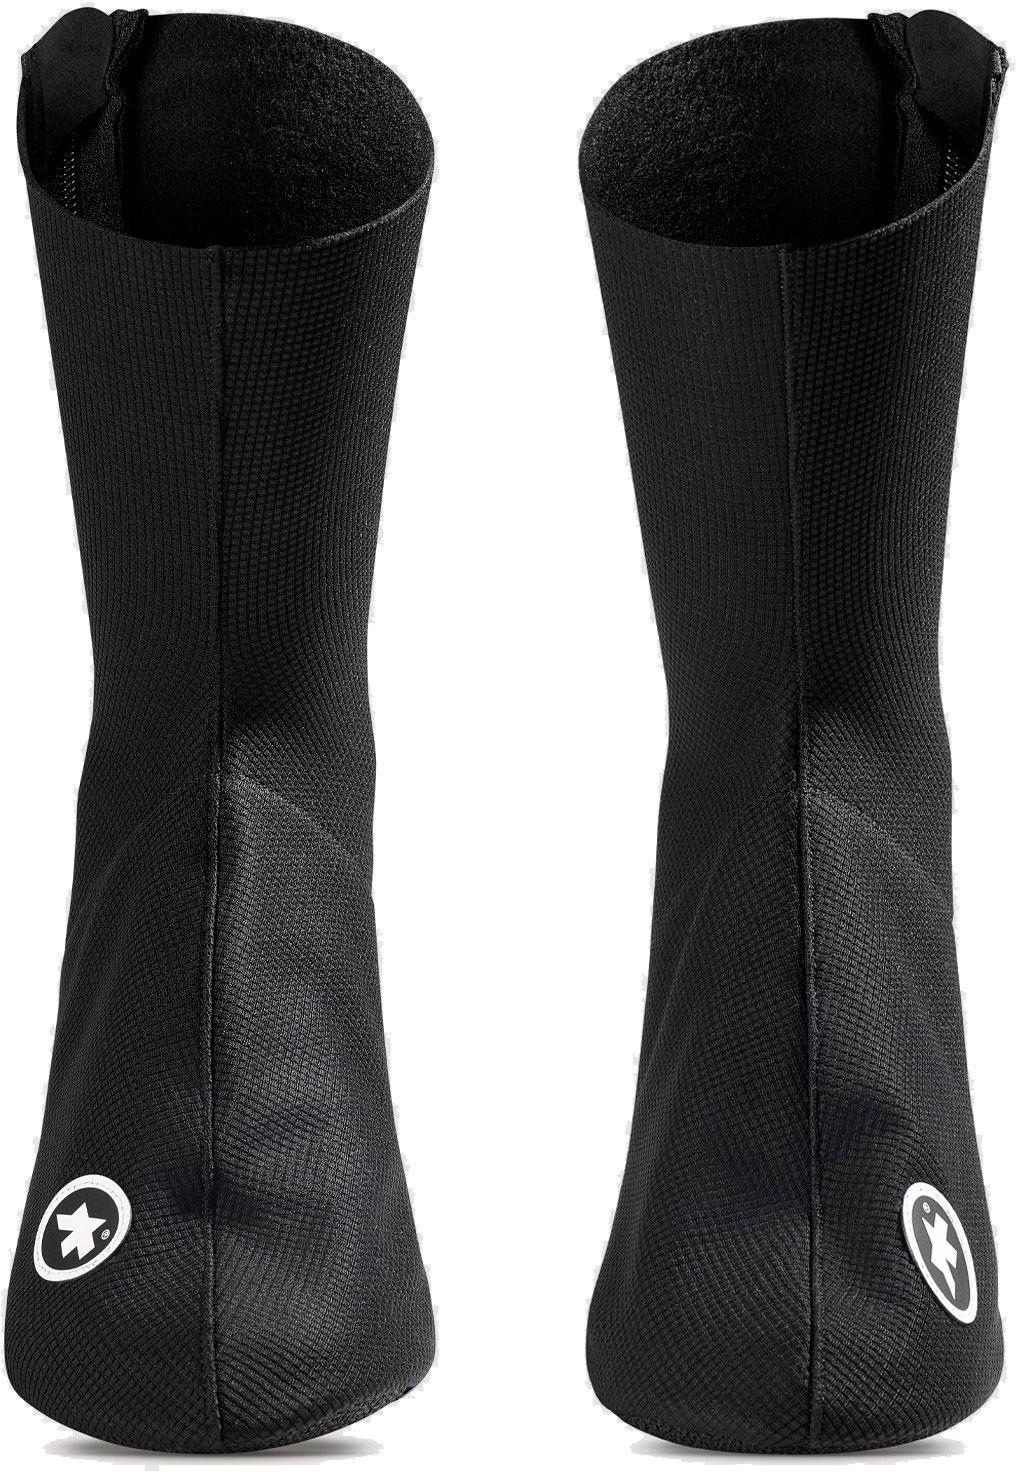 Køb Assos GT Ultraz Winter Booties Skoovertræk – Sort